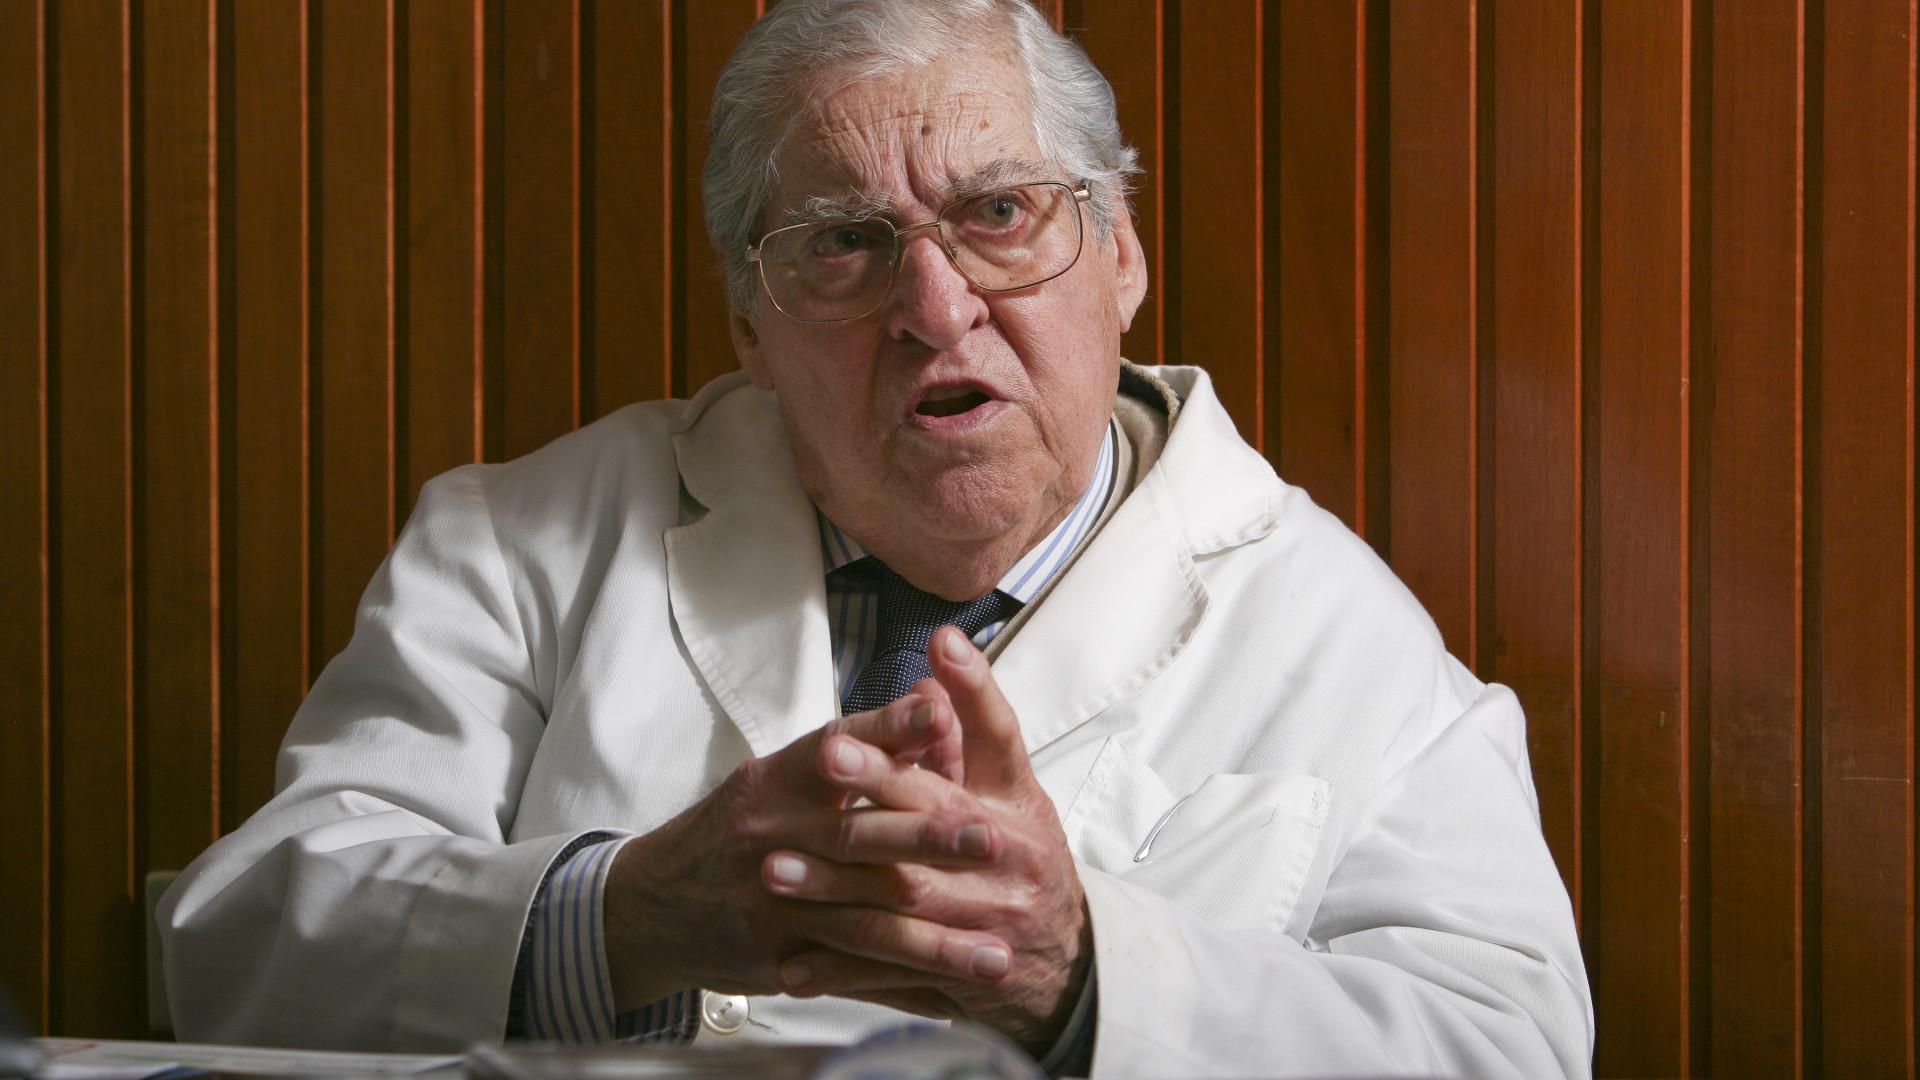 Morreu Camacho Vieira, antigo médico da seleção portuguesa de futebol